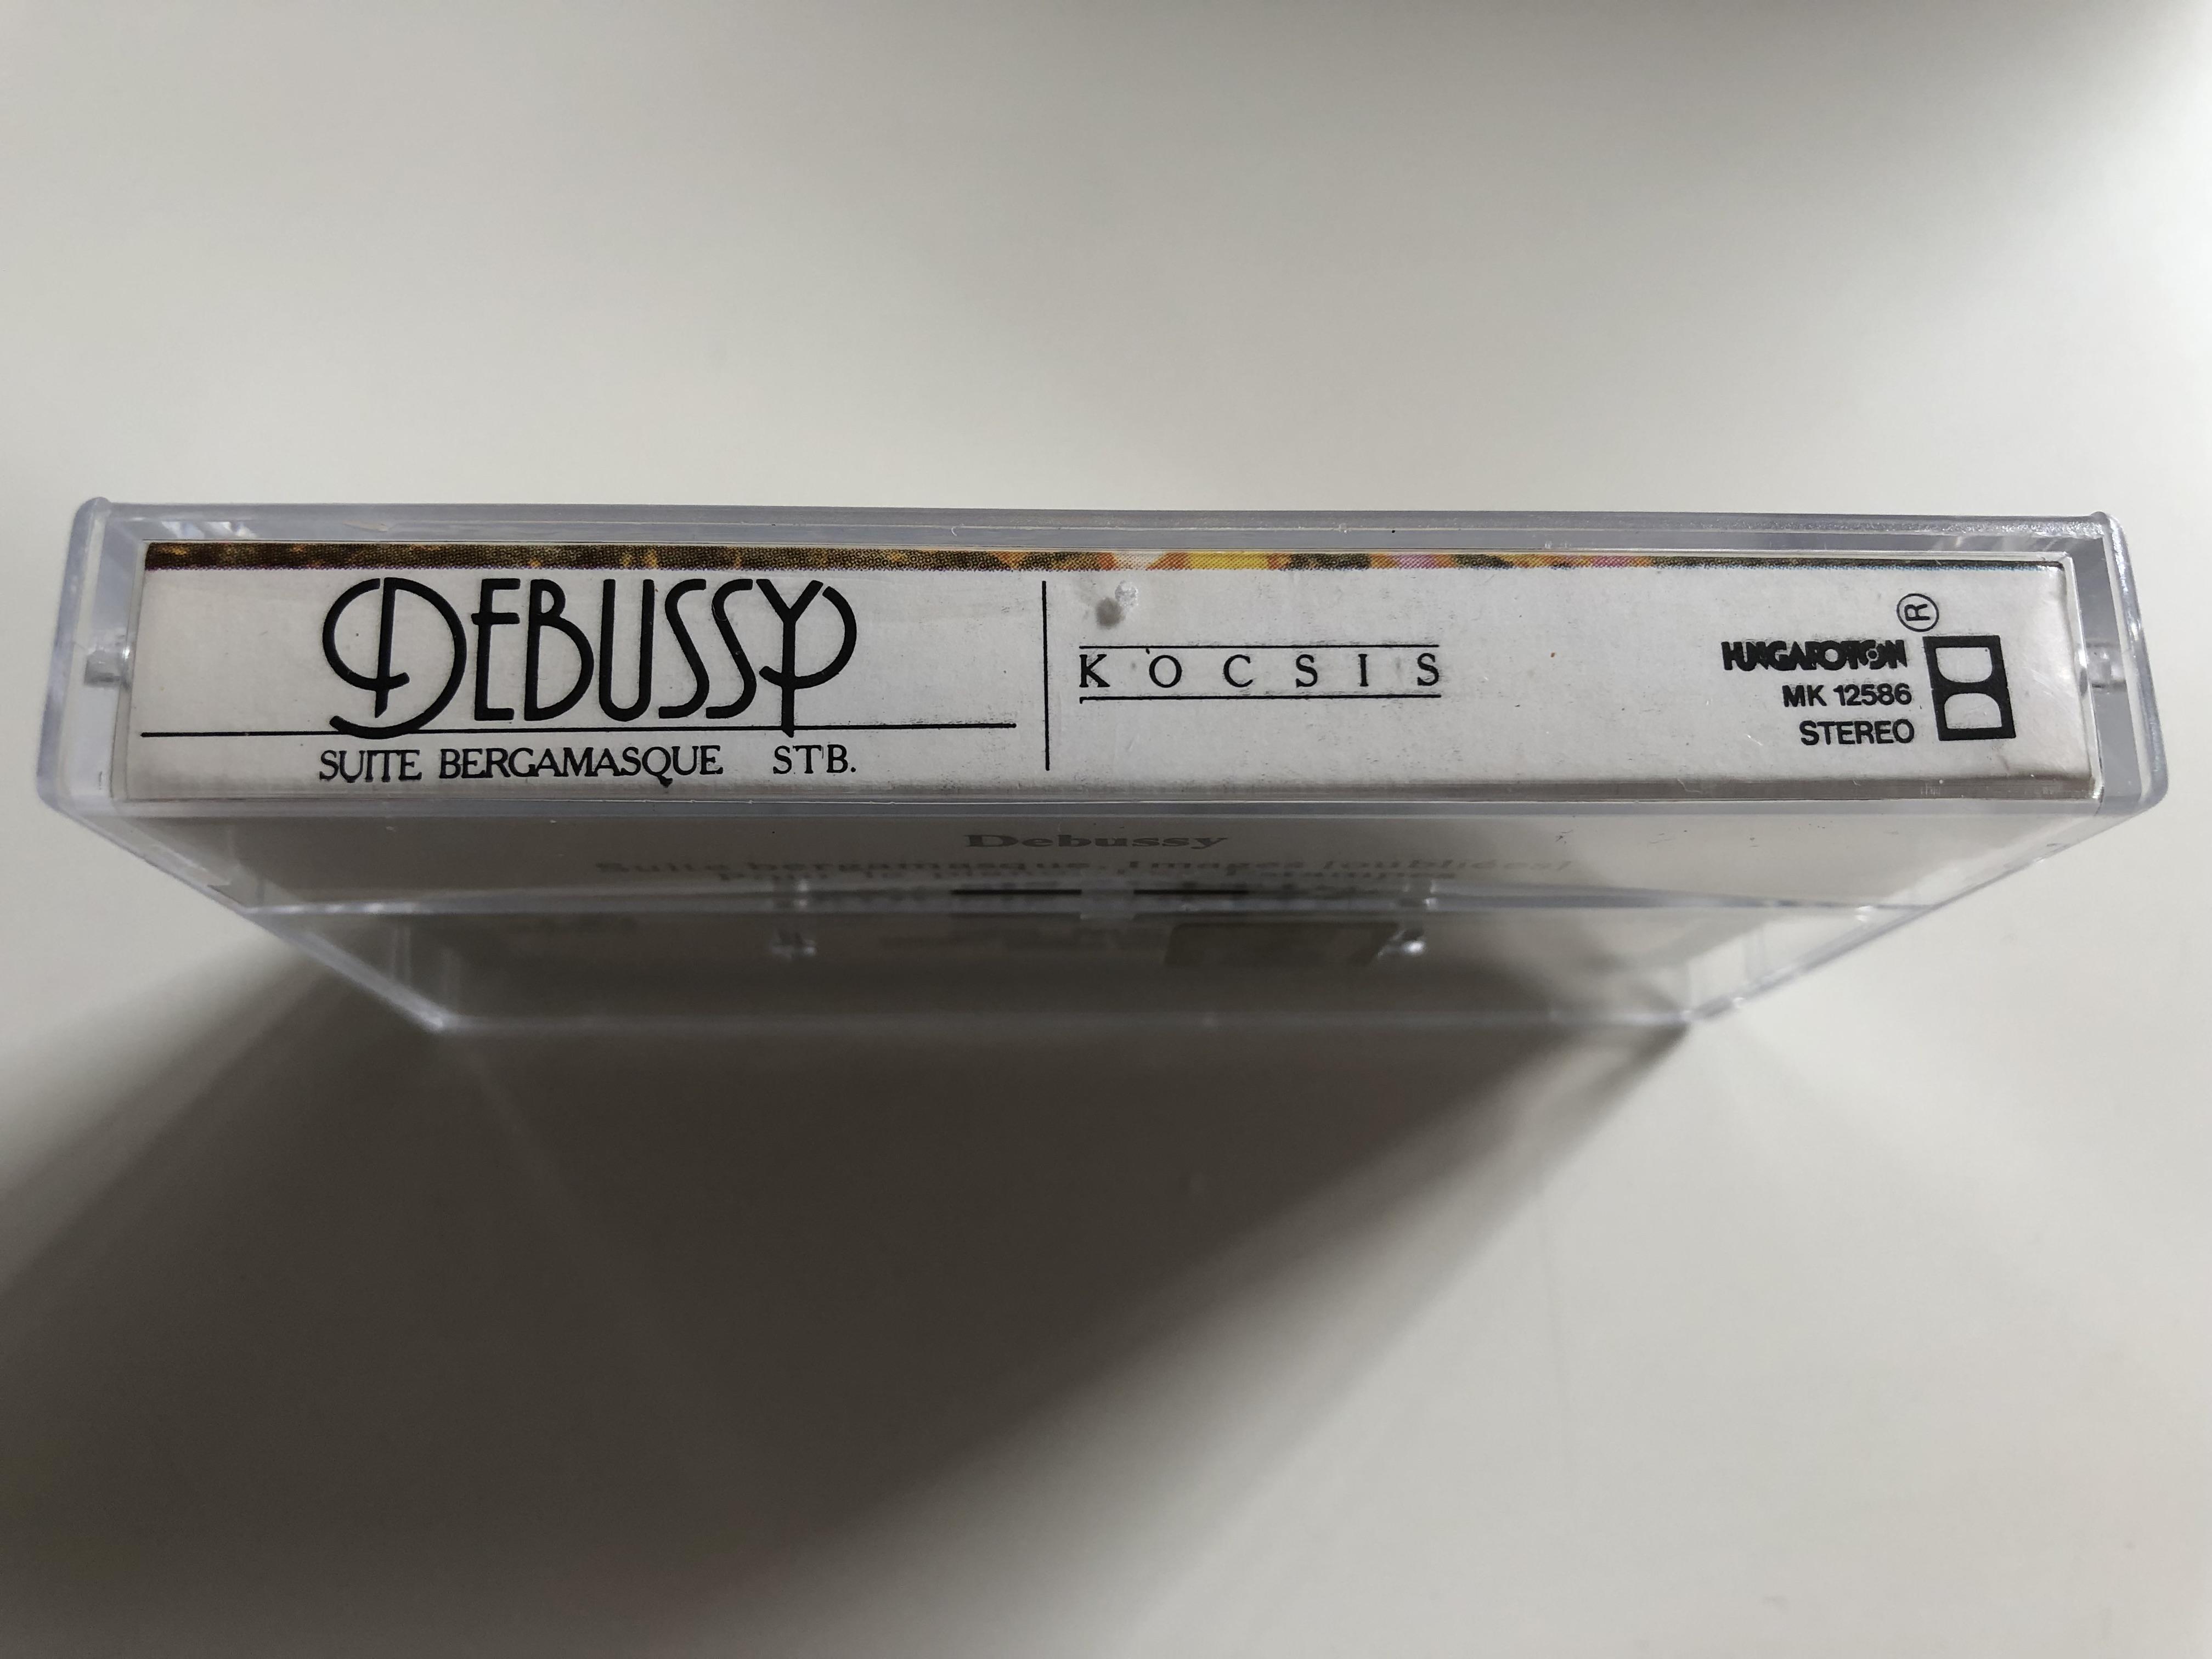 debussy-kocsis-suite-bergamasque-images-oubli-es-pour-le-piano-les-estampes-hungaroton-cassette-stereo-mk-12586-a-4-.jpg